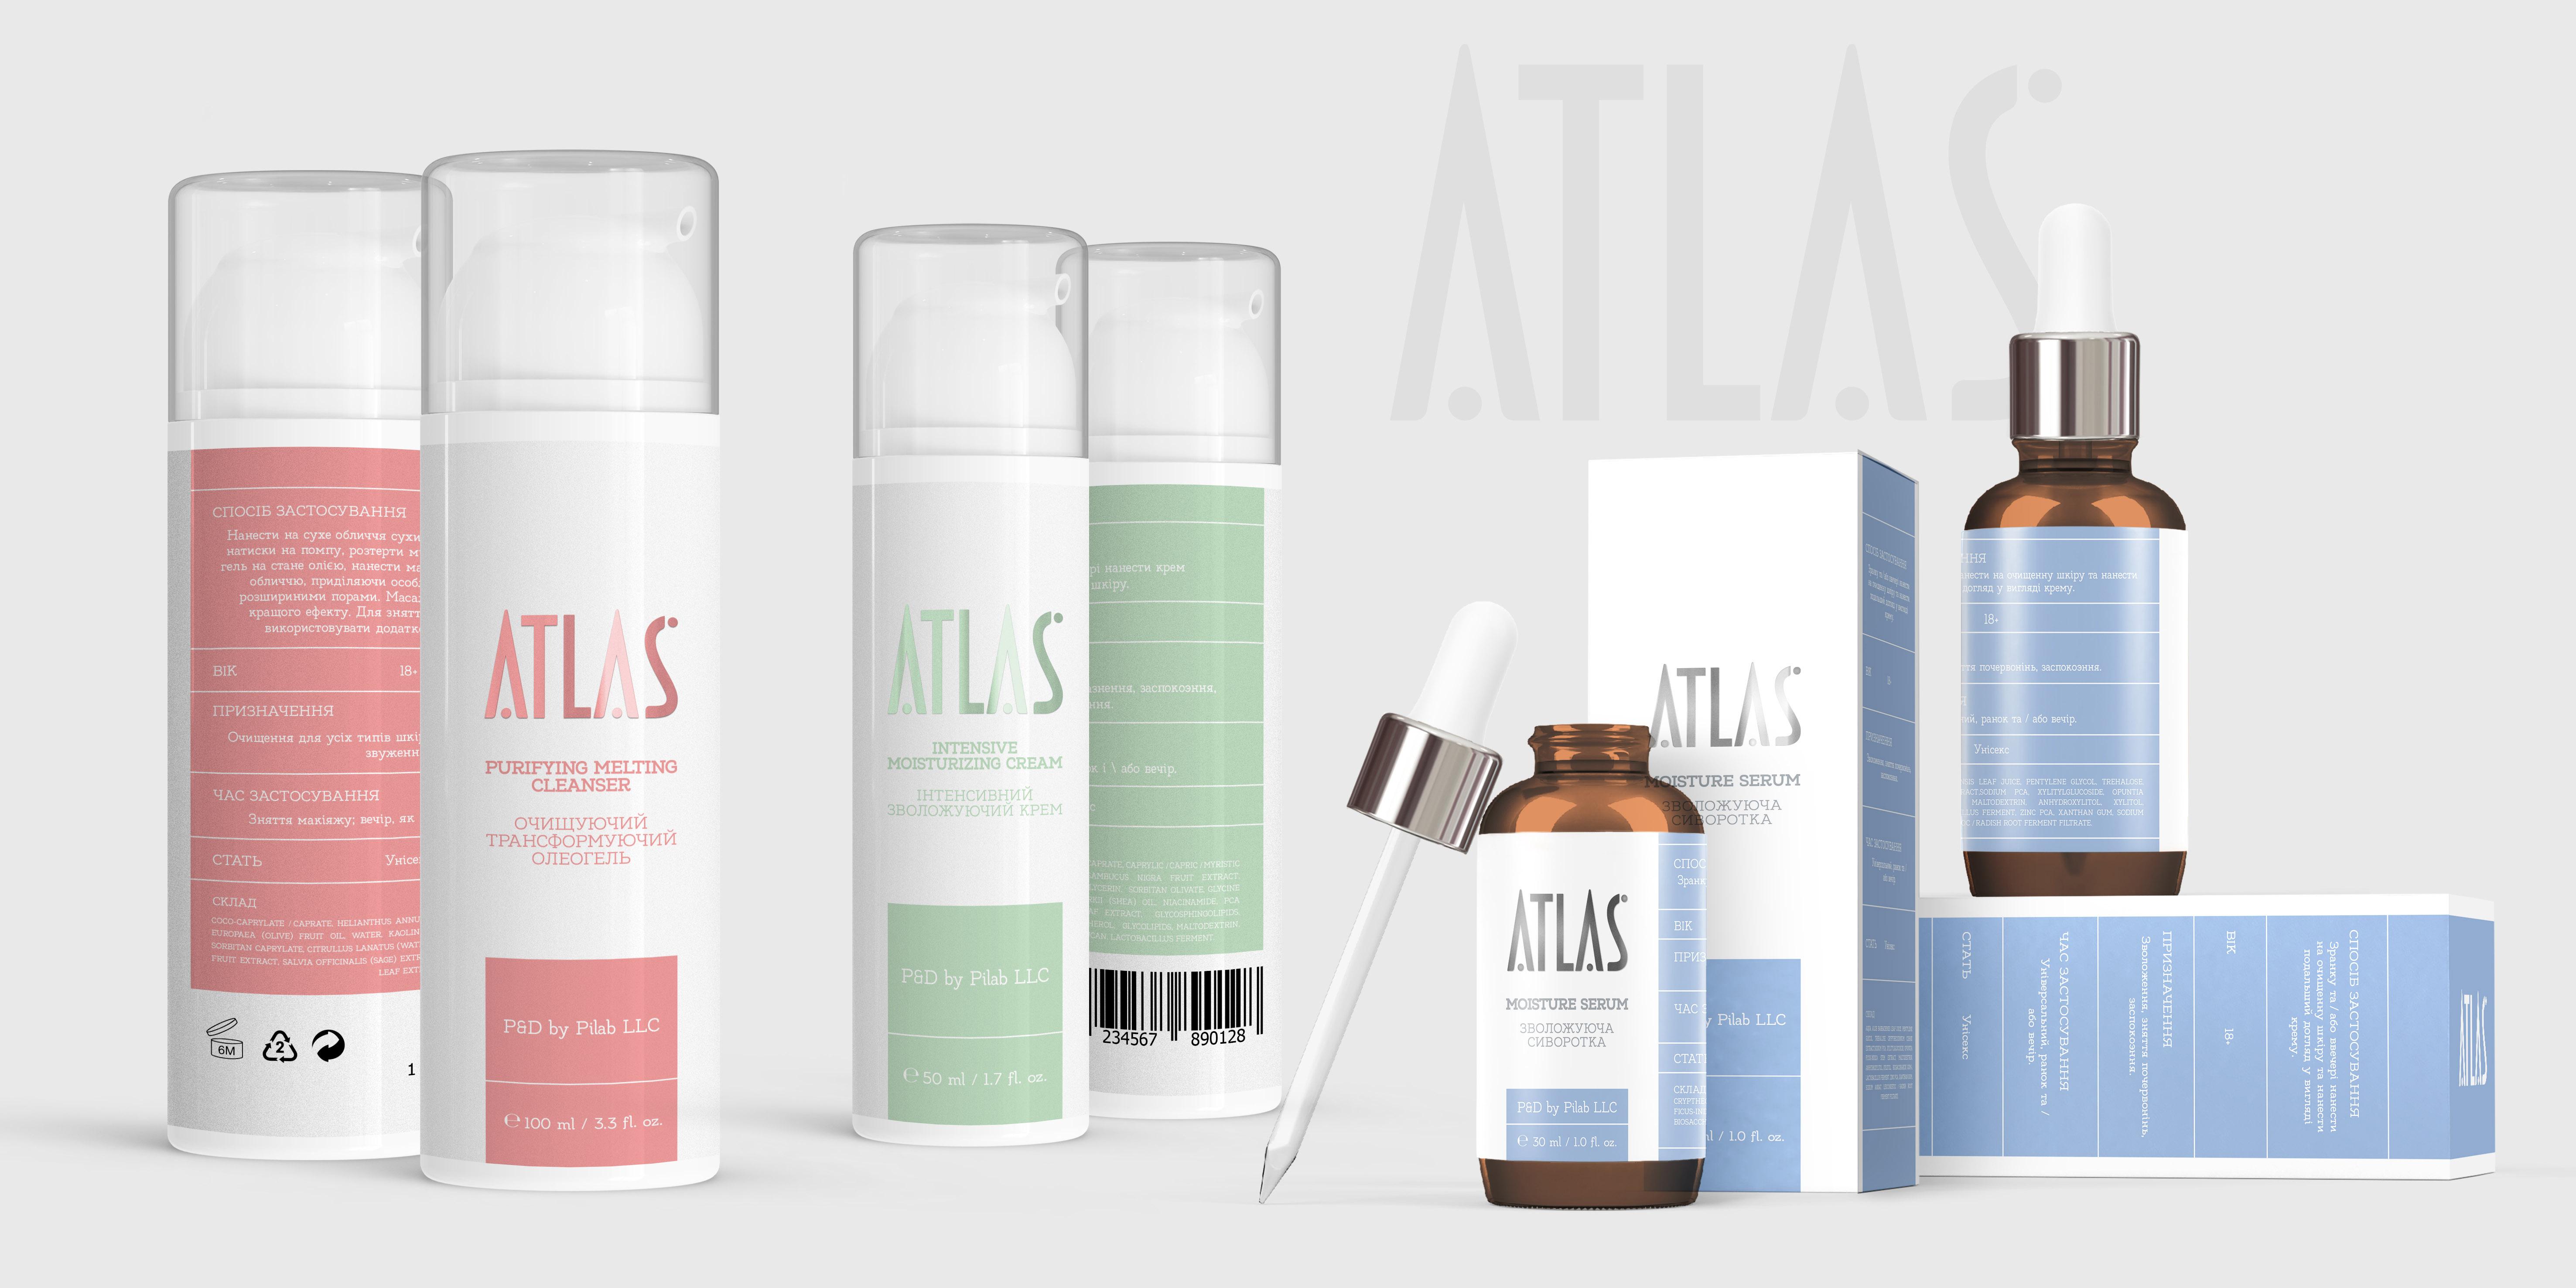 Фото Дизайн этикеток и упаковки для косметики